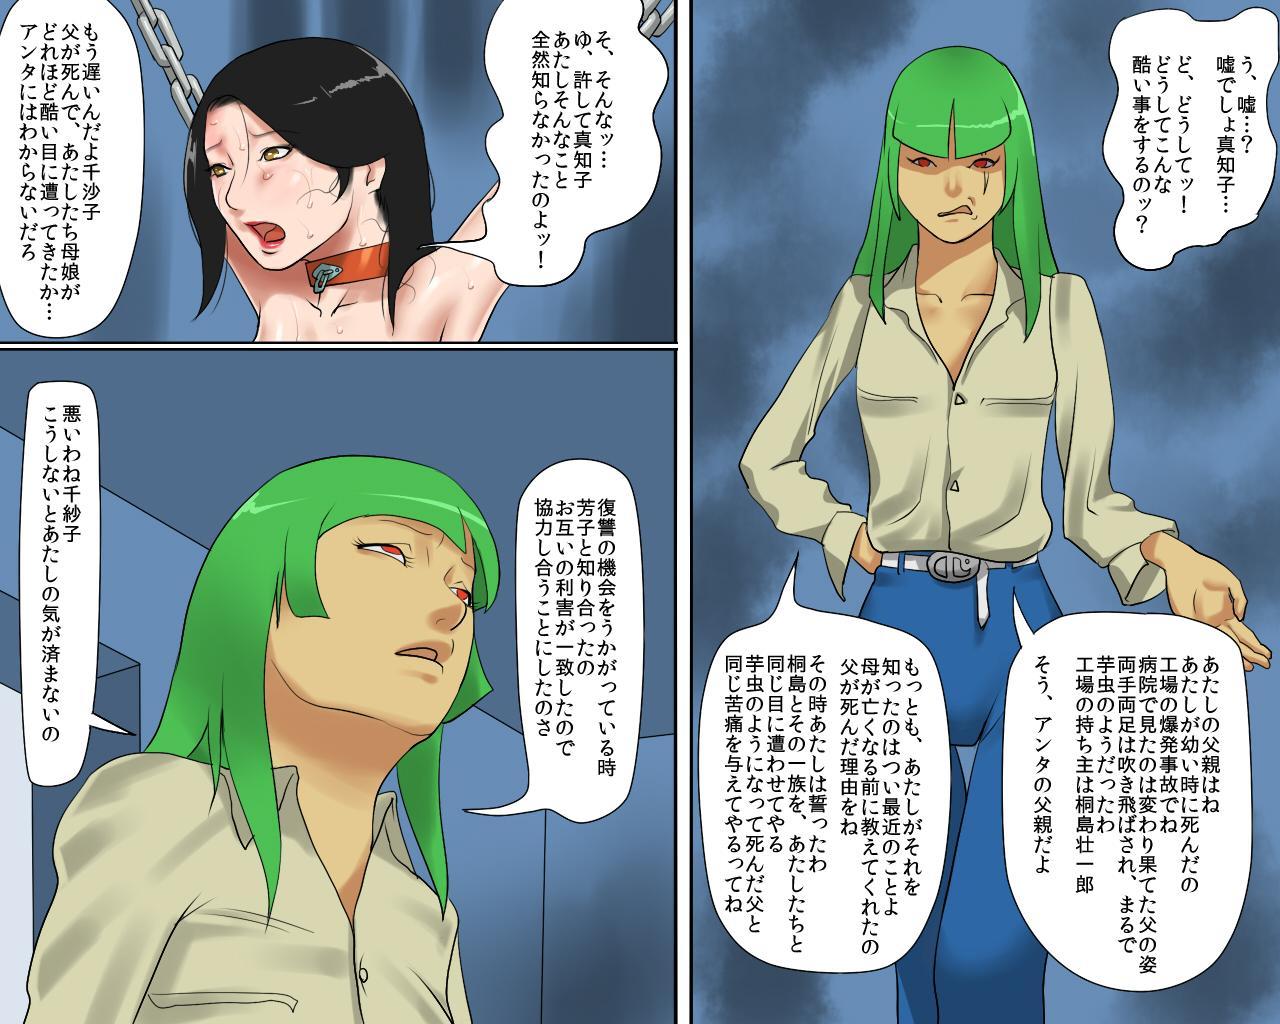 [Naya] Joshuu Fujin (Ge) Jikken Byoutou no Kachiku Mesu Fujin 27